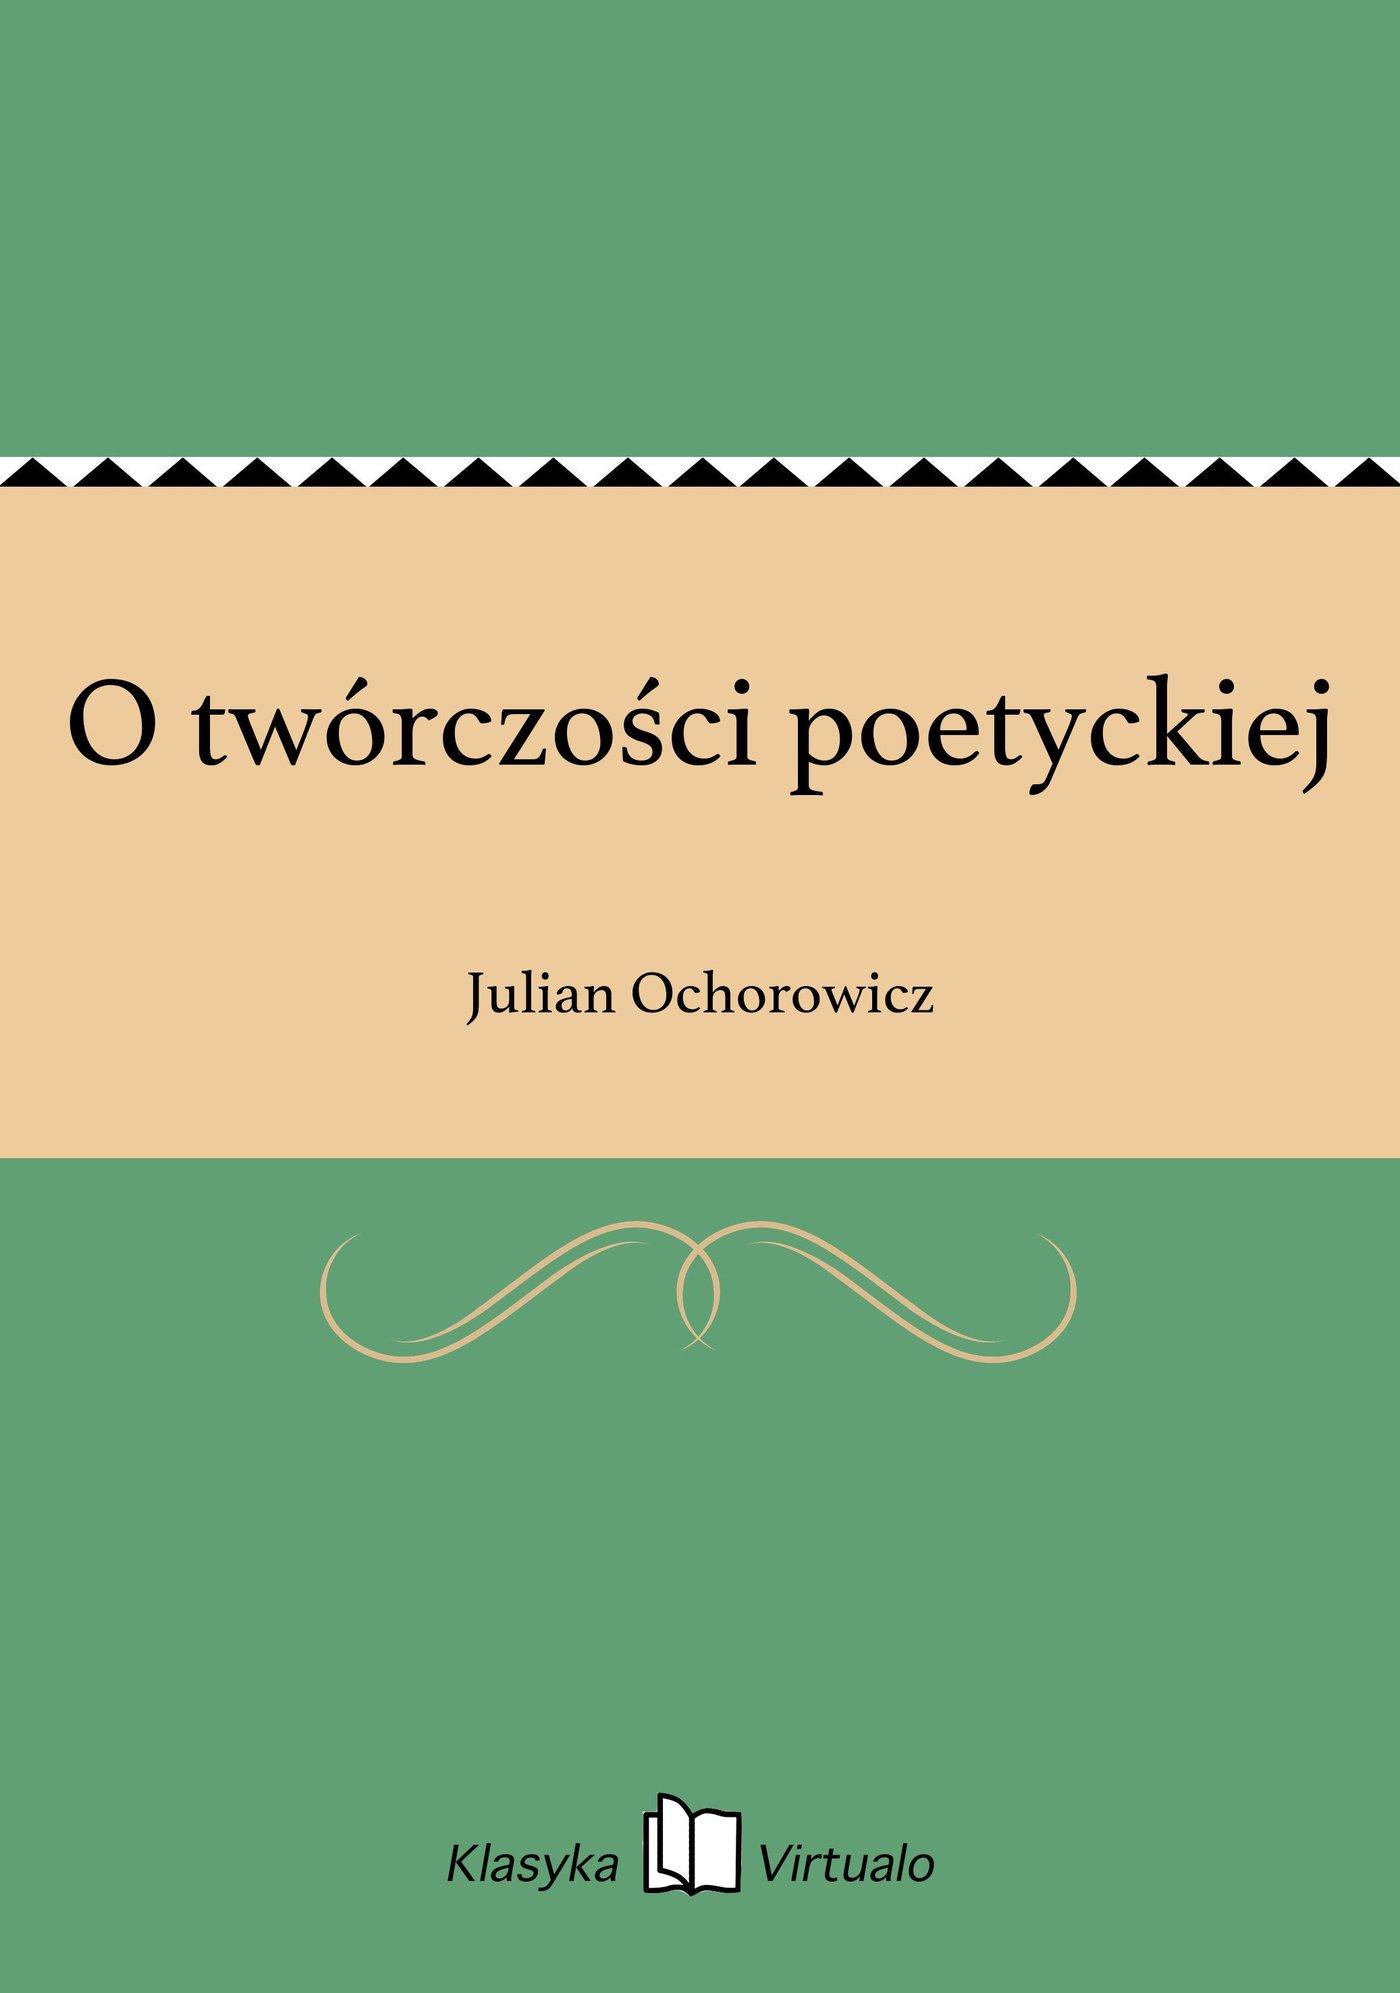 O twórczości poetyckiej - Ebook (Książka EPUB) do pobrania w formacie EPUB